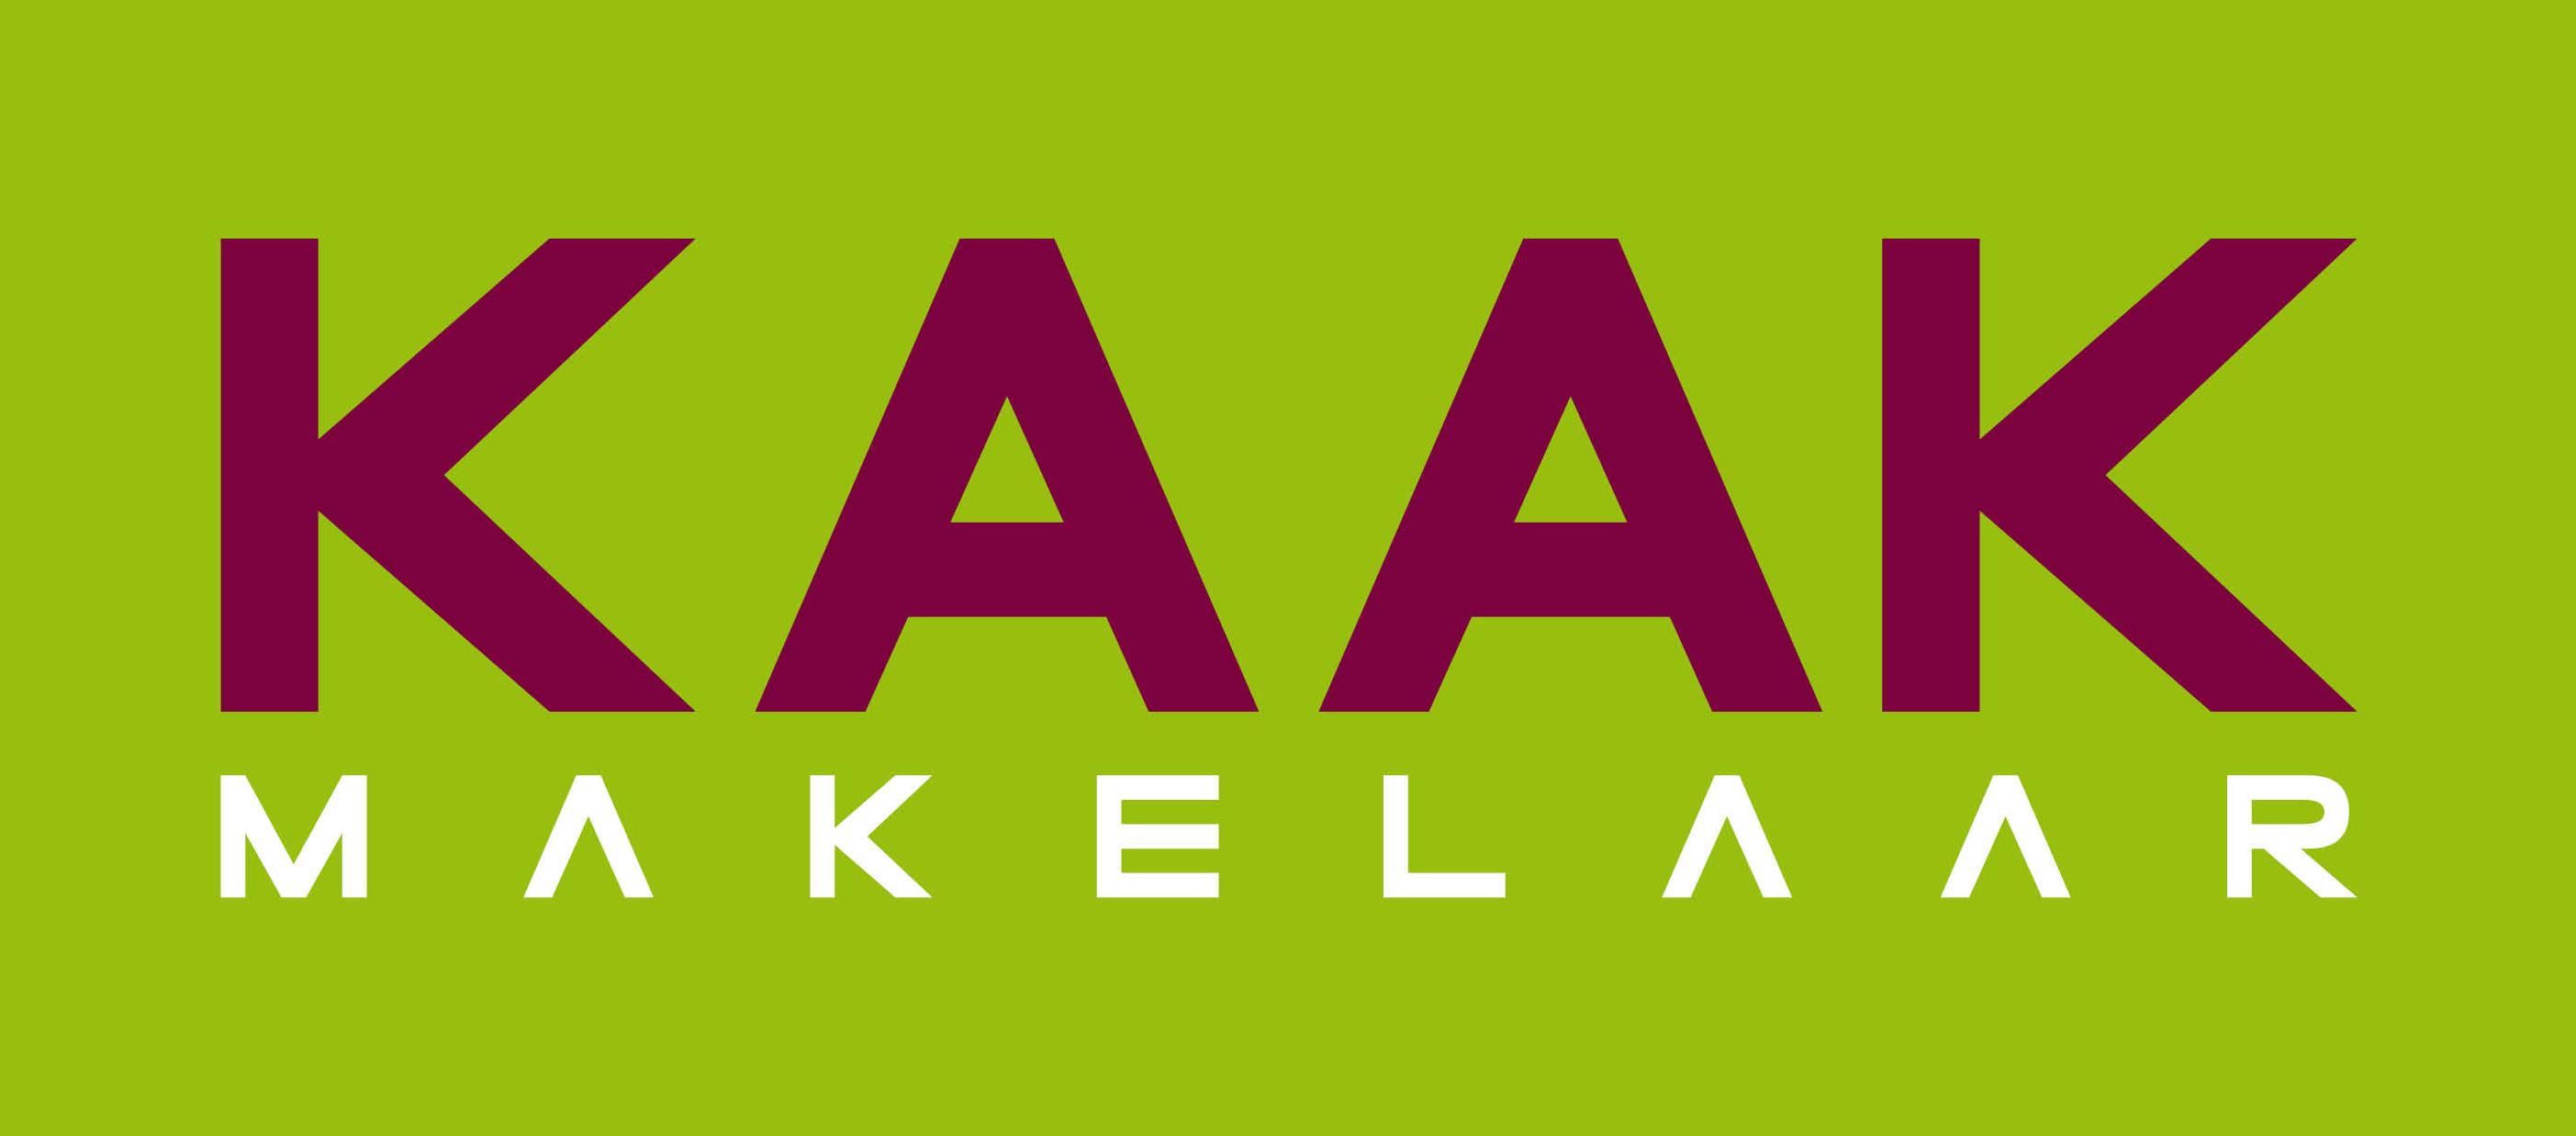 Logo Kaak Makelaar